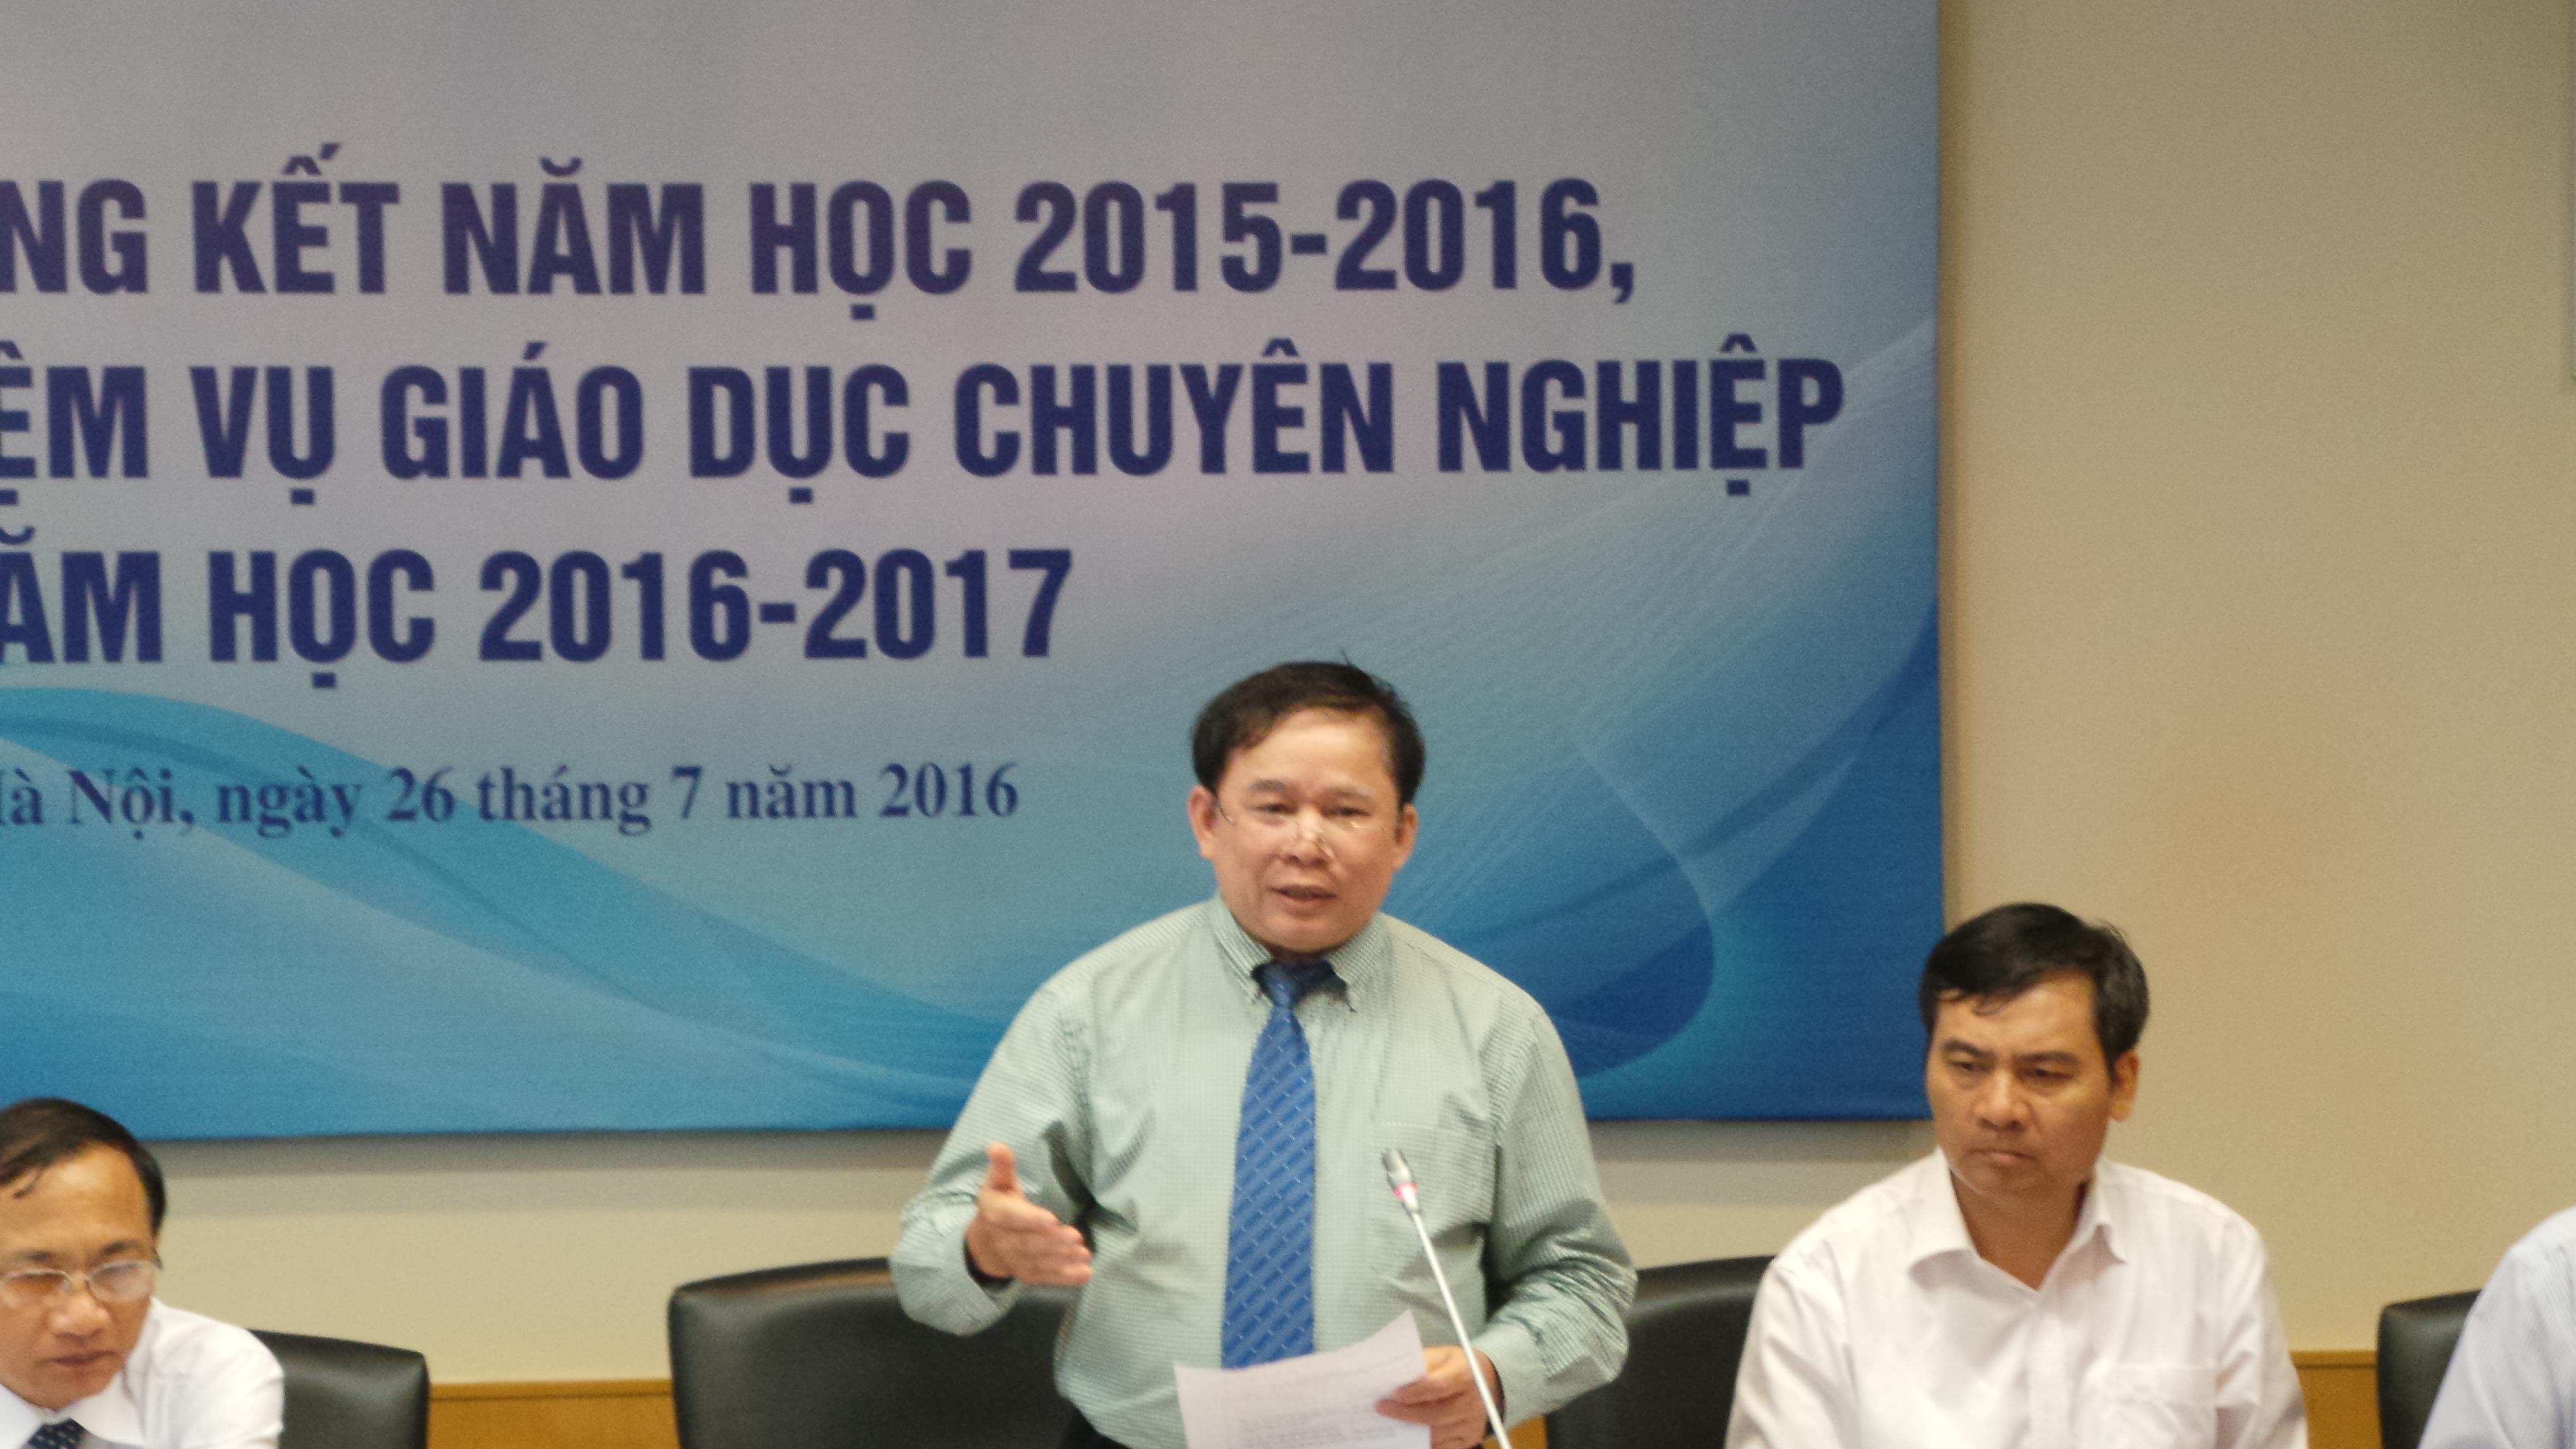 Thứ trưởng Bộ GD&ĐT Bùi Văn Ga tại Hội nghị